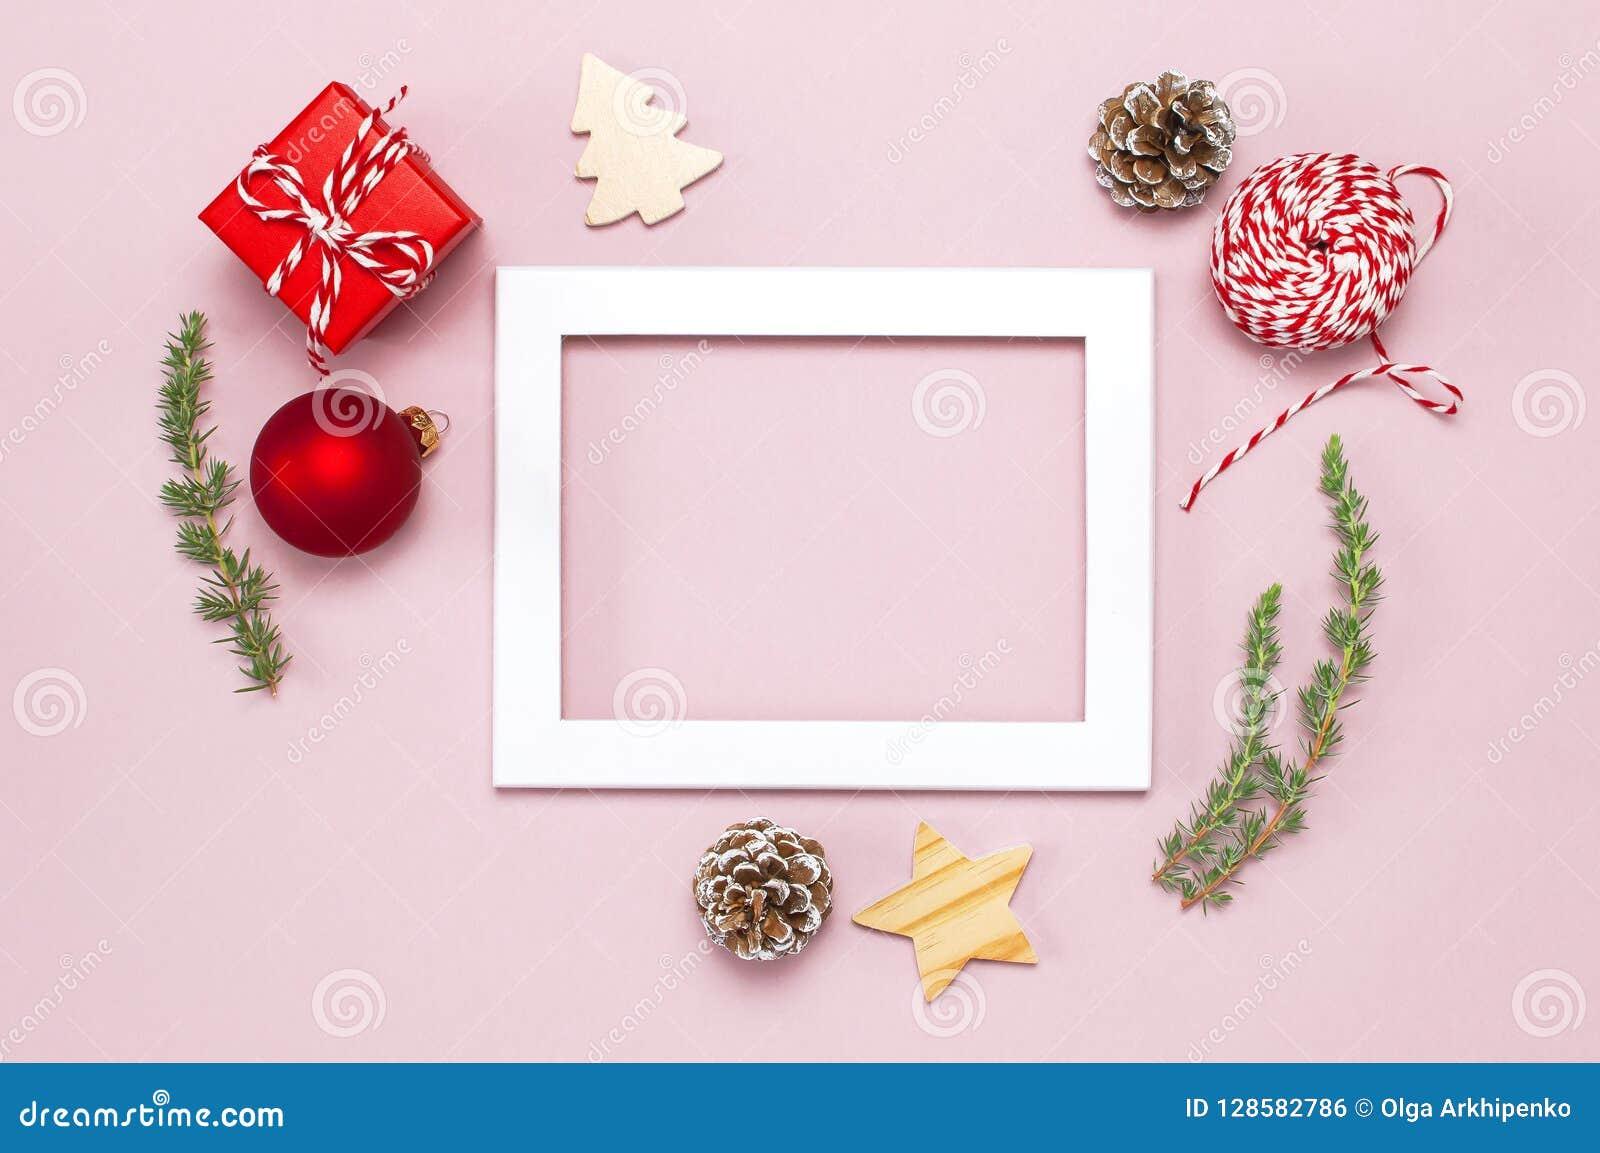 Boule De Noel Ficelle.Composition De Noël Le Cadre Blanc De Photo Sapin S